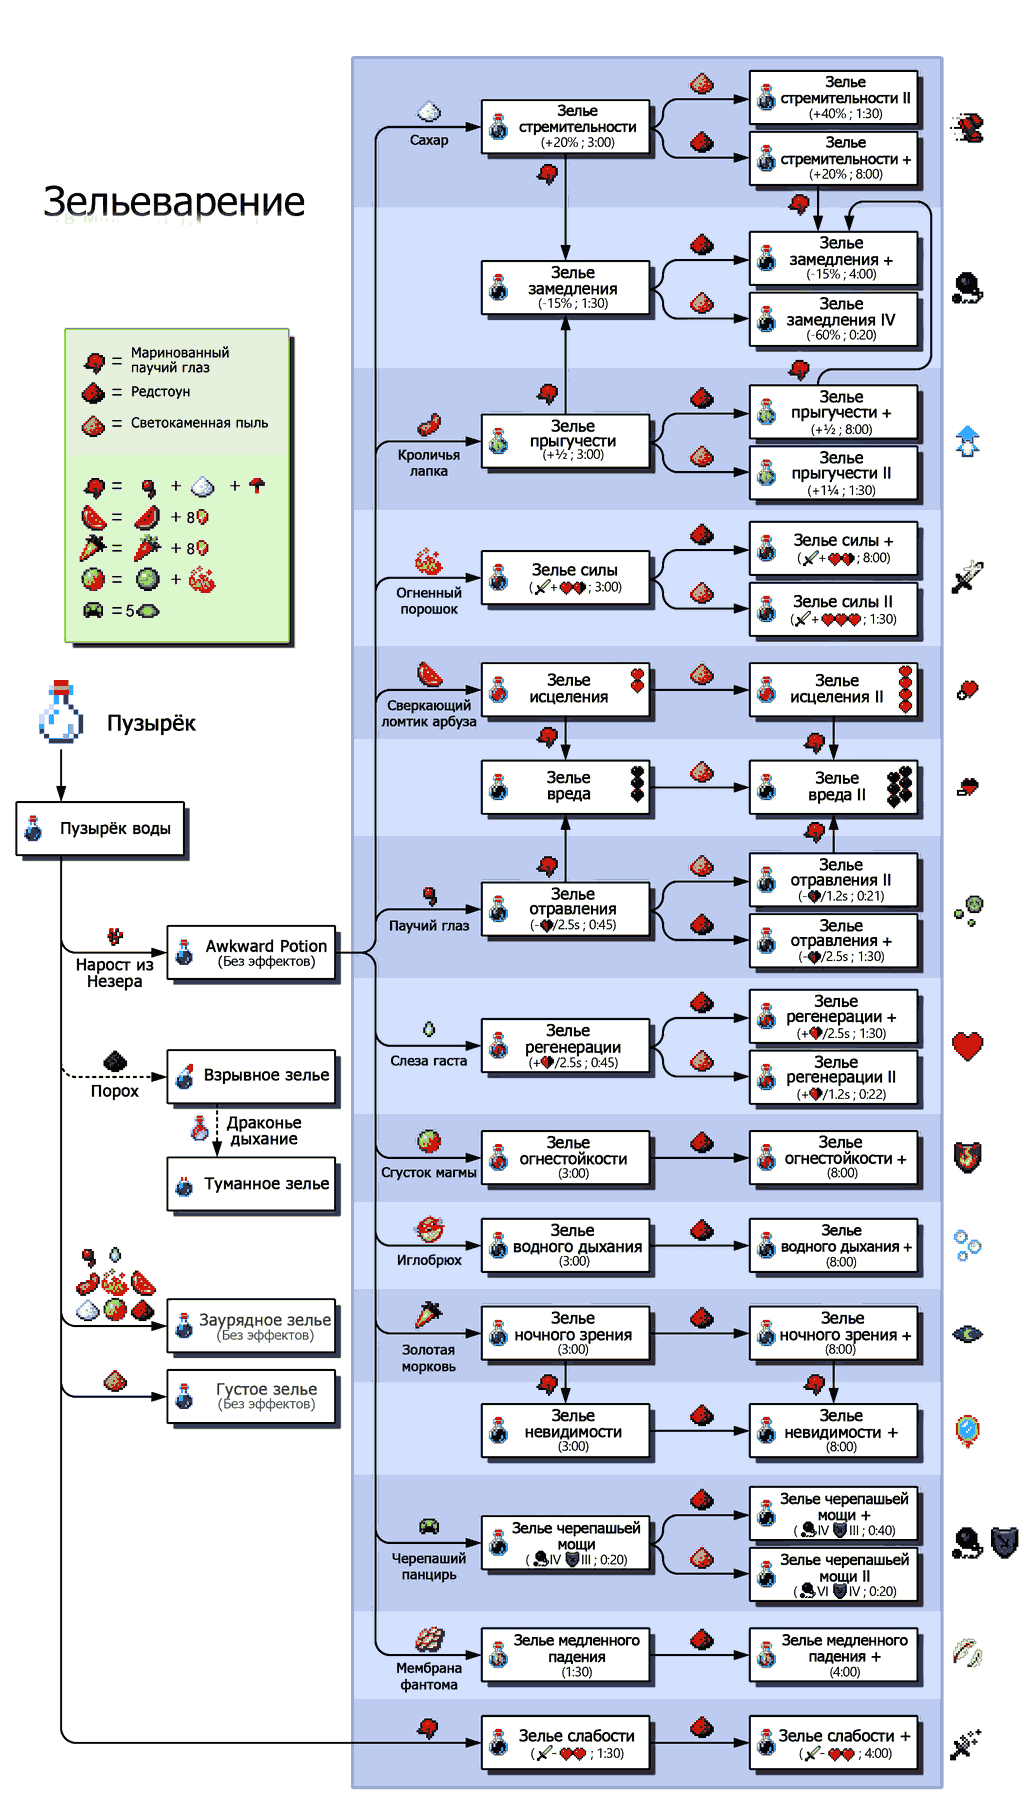 Схема зелий в Майнкрафт 1.16.5 - 1.12.2